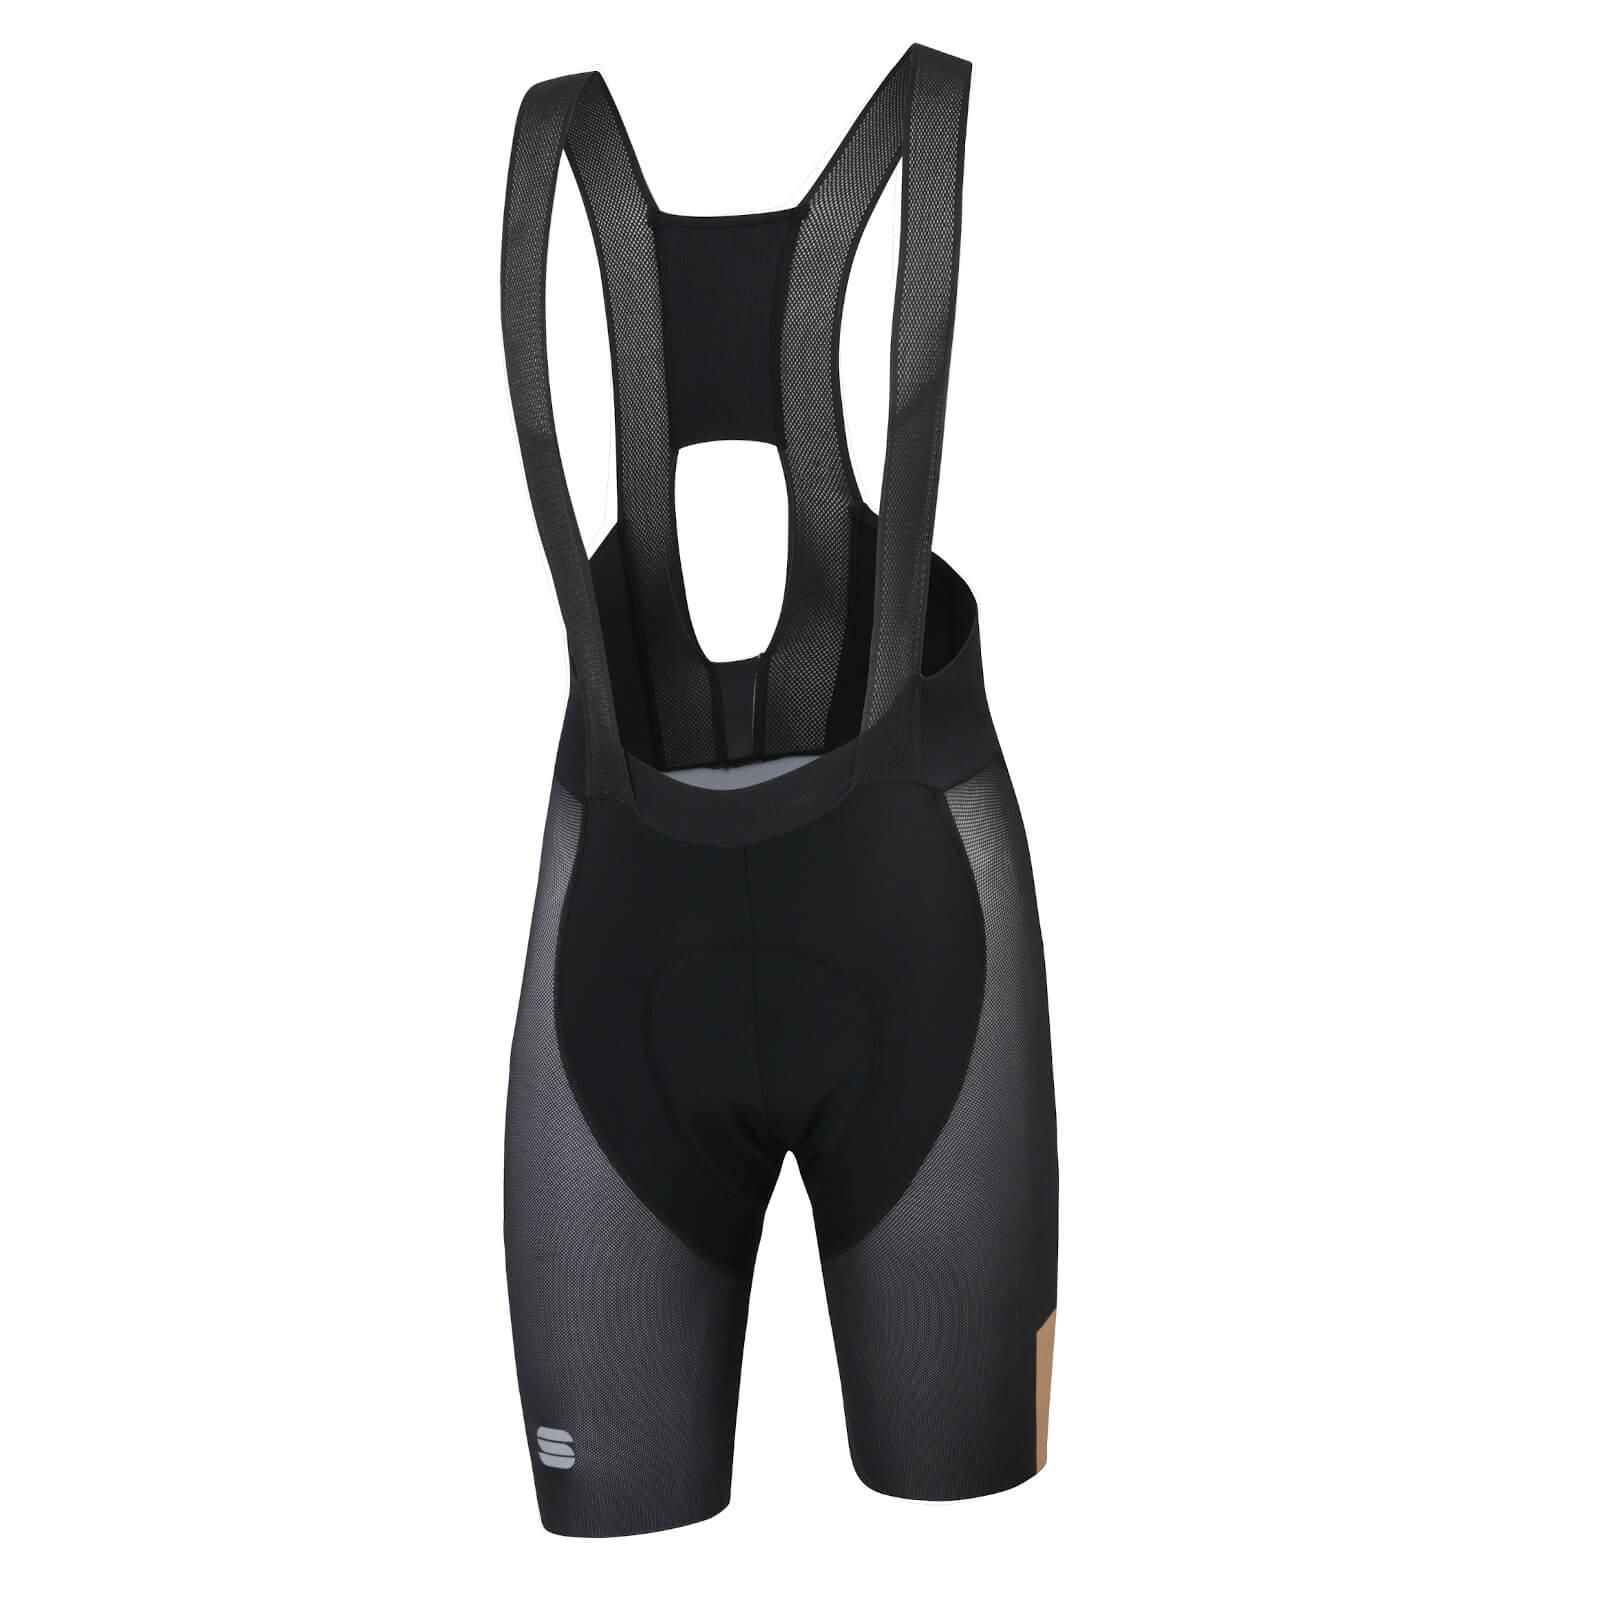 Sportful BodyFit Pro Air Bib Shorts - L - Black/Gold